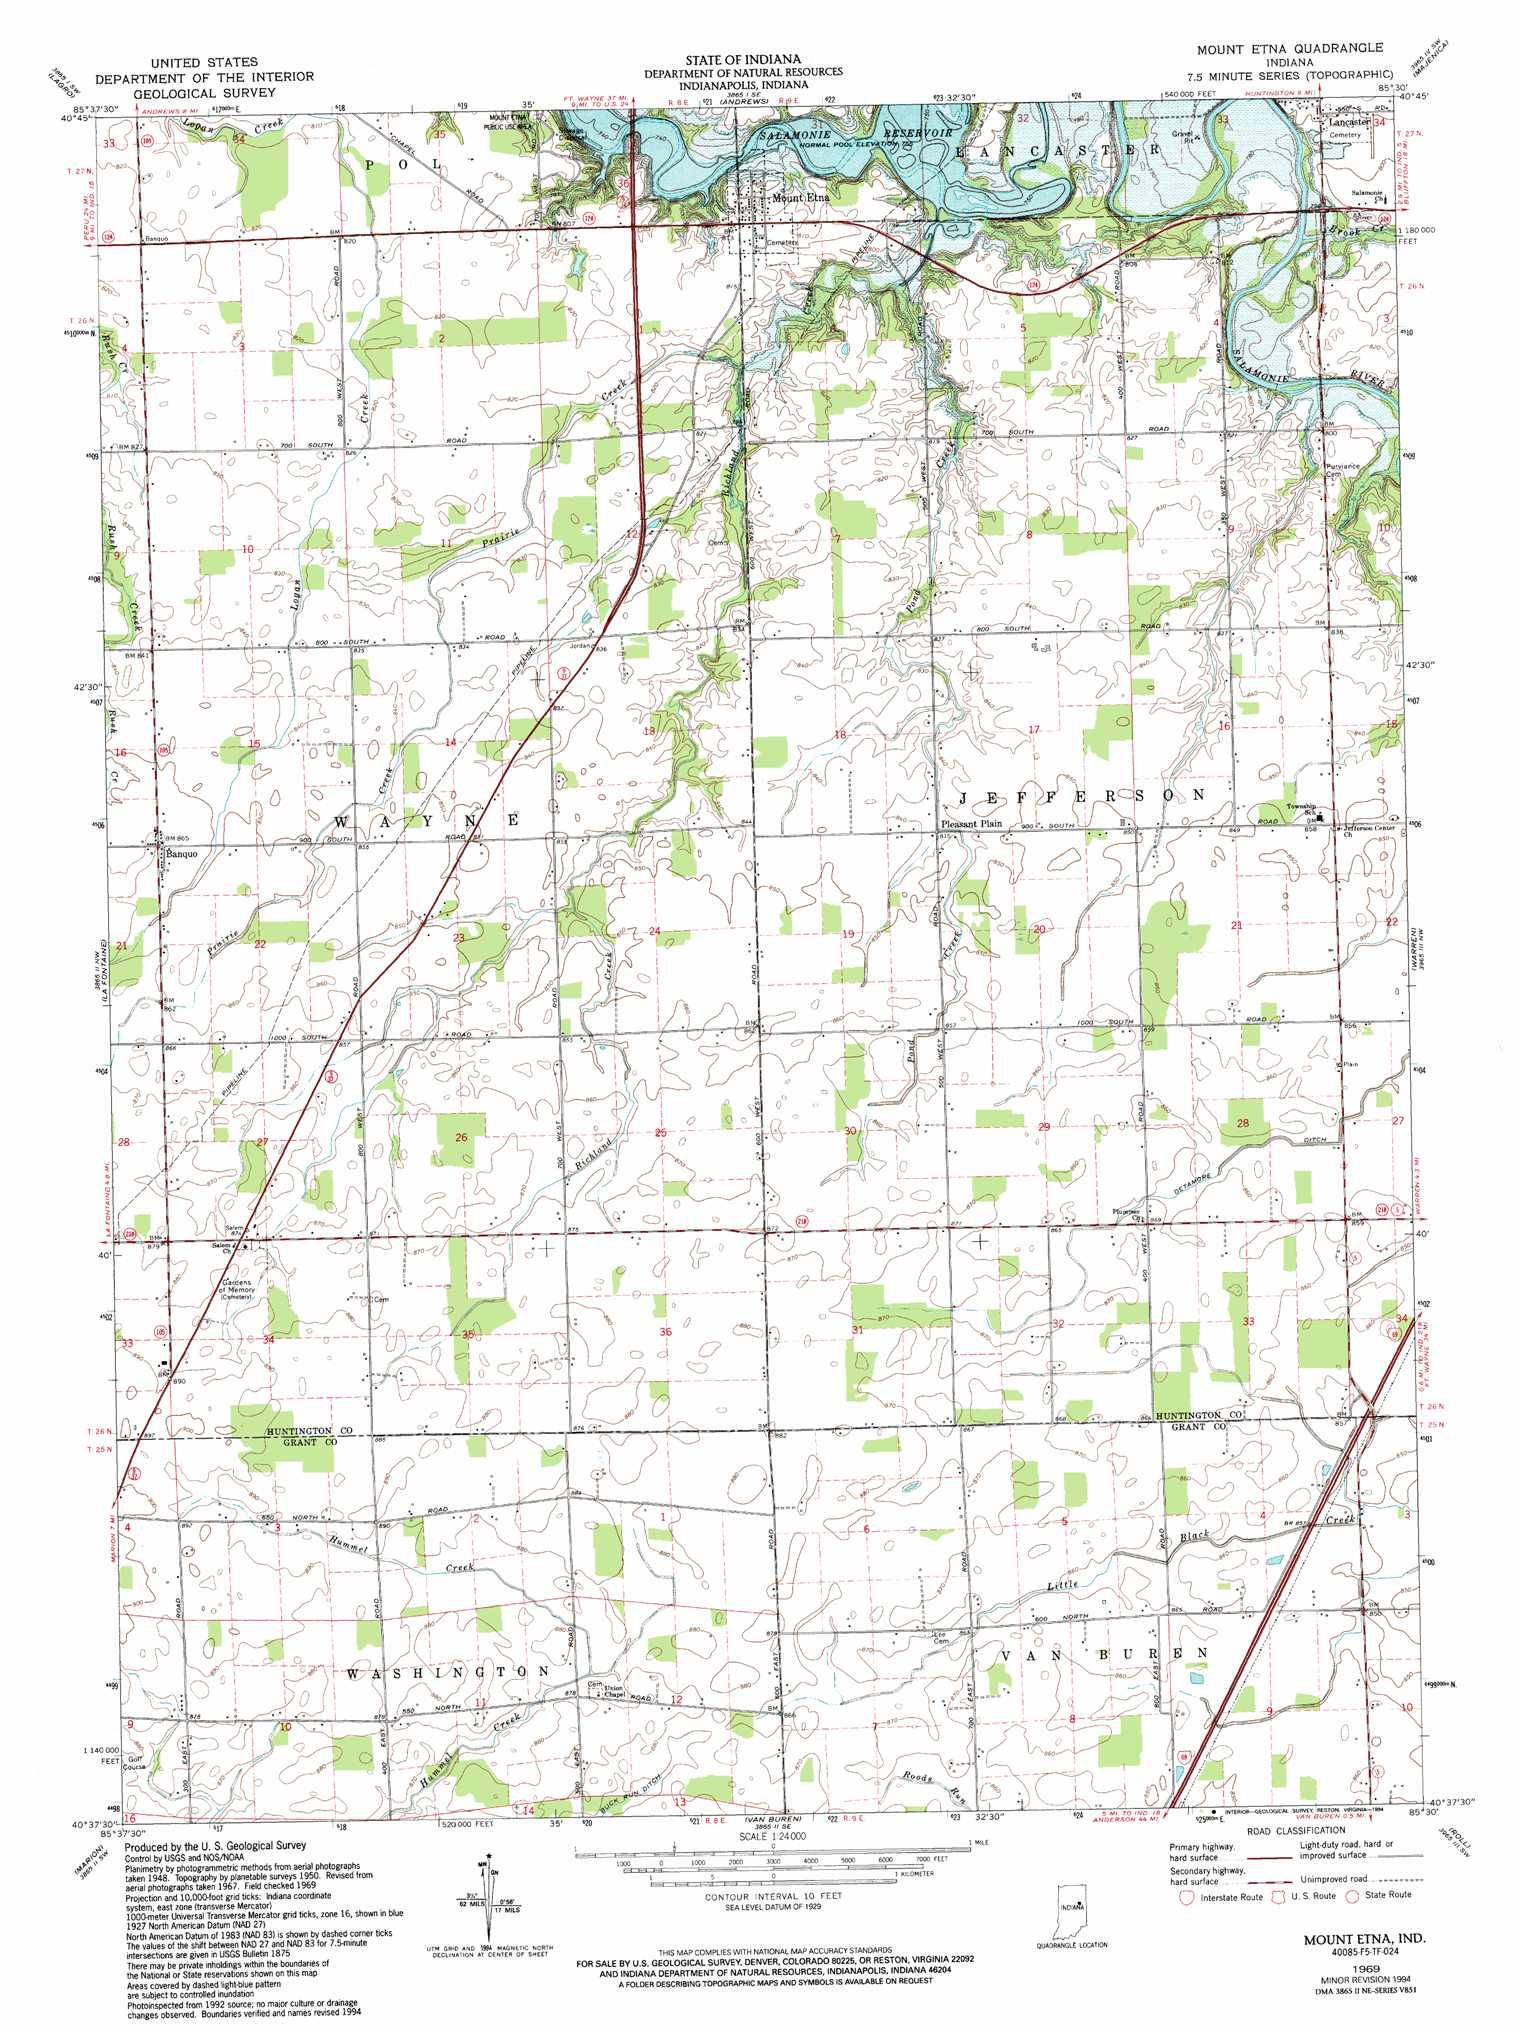 Etna Ohio Map Www Imagessure Com